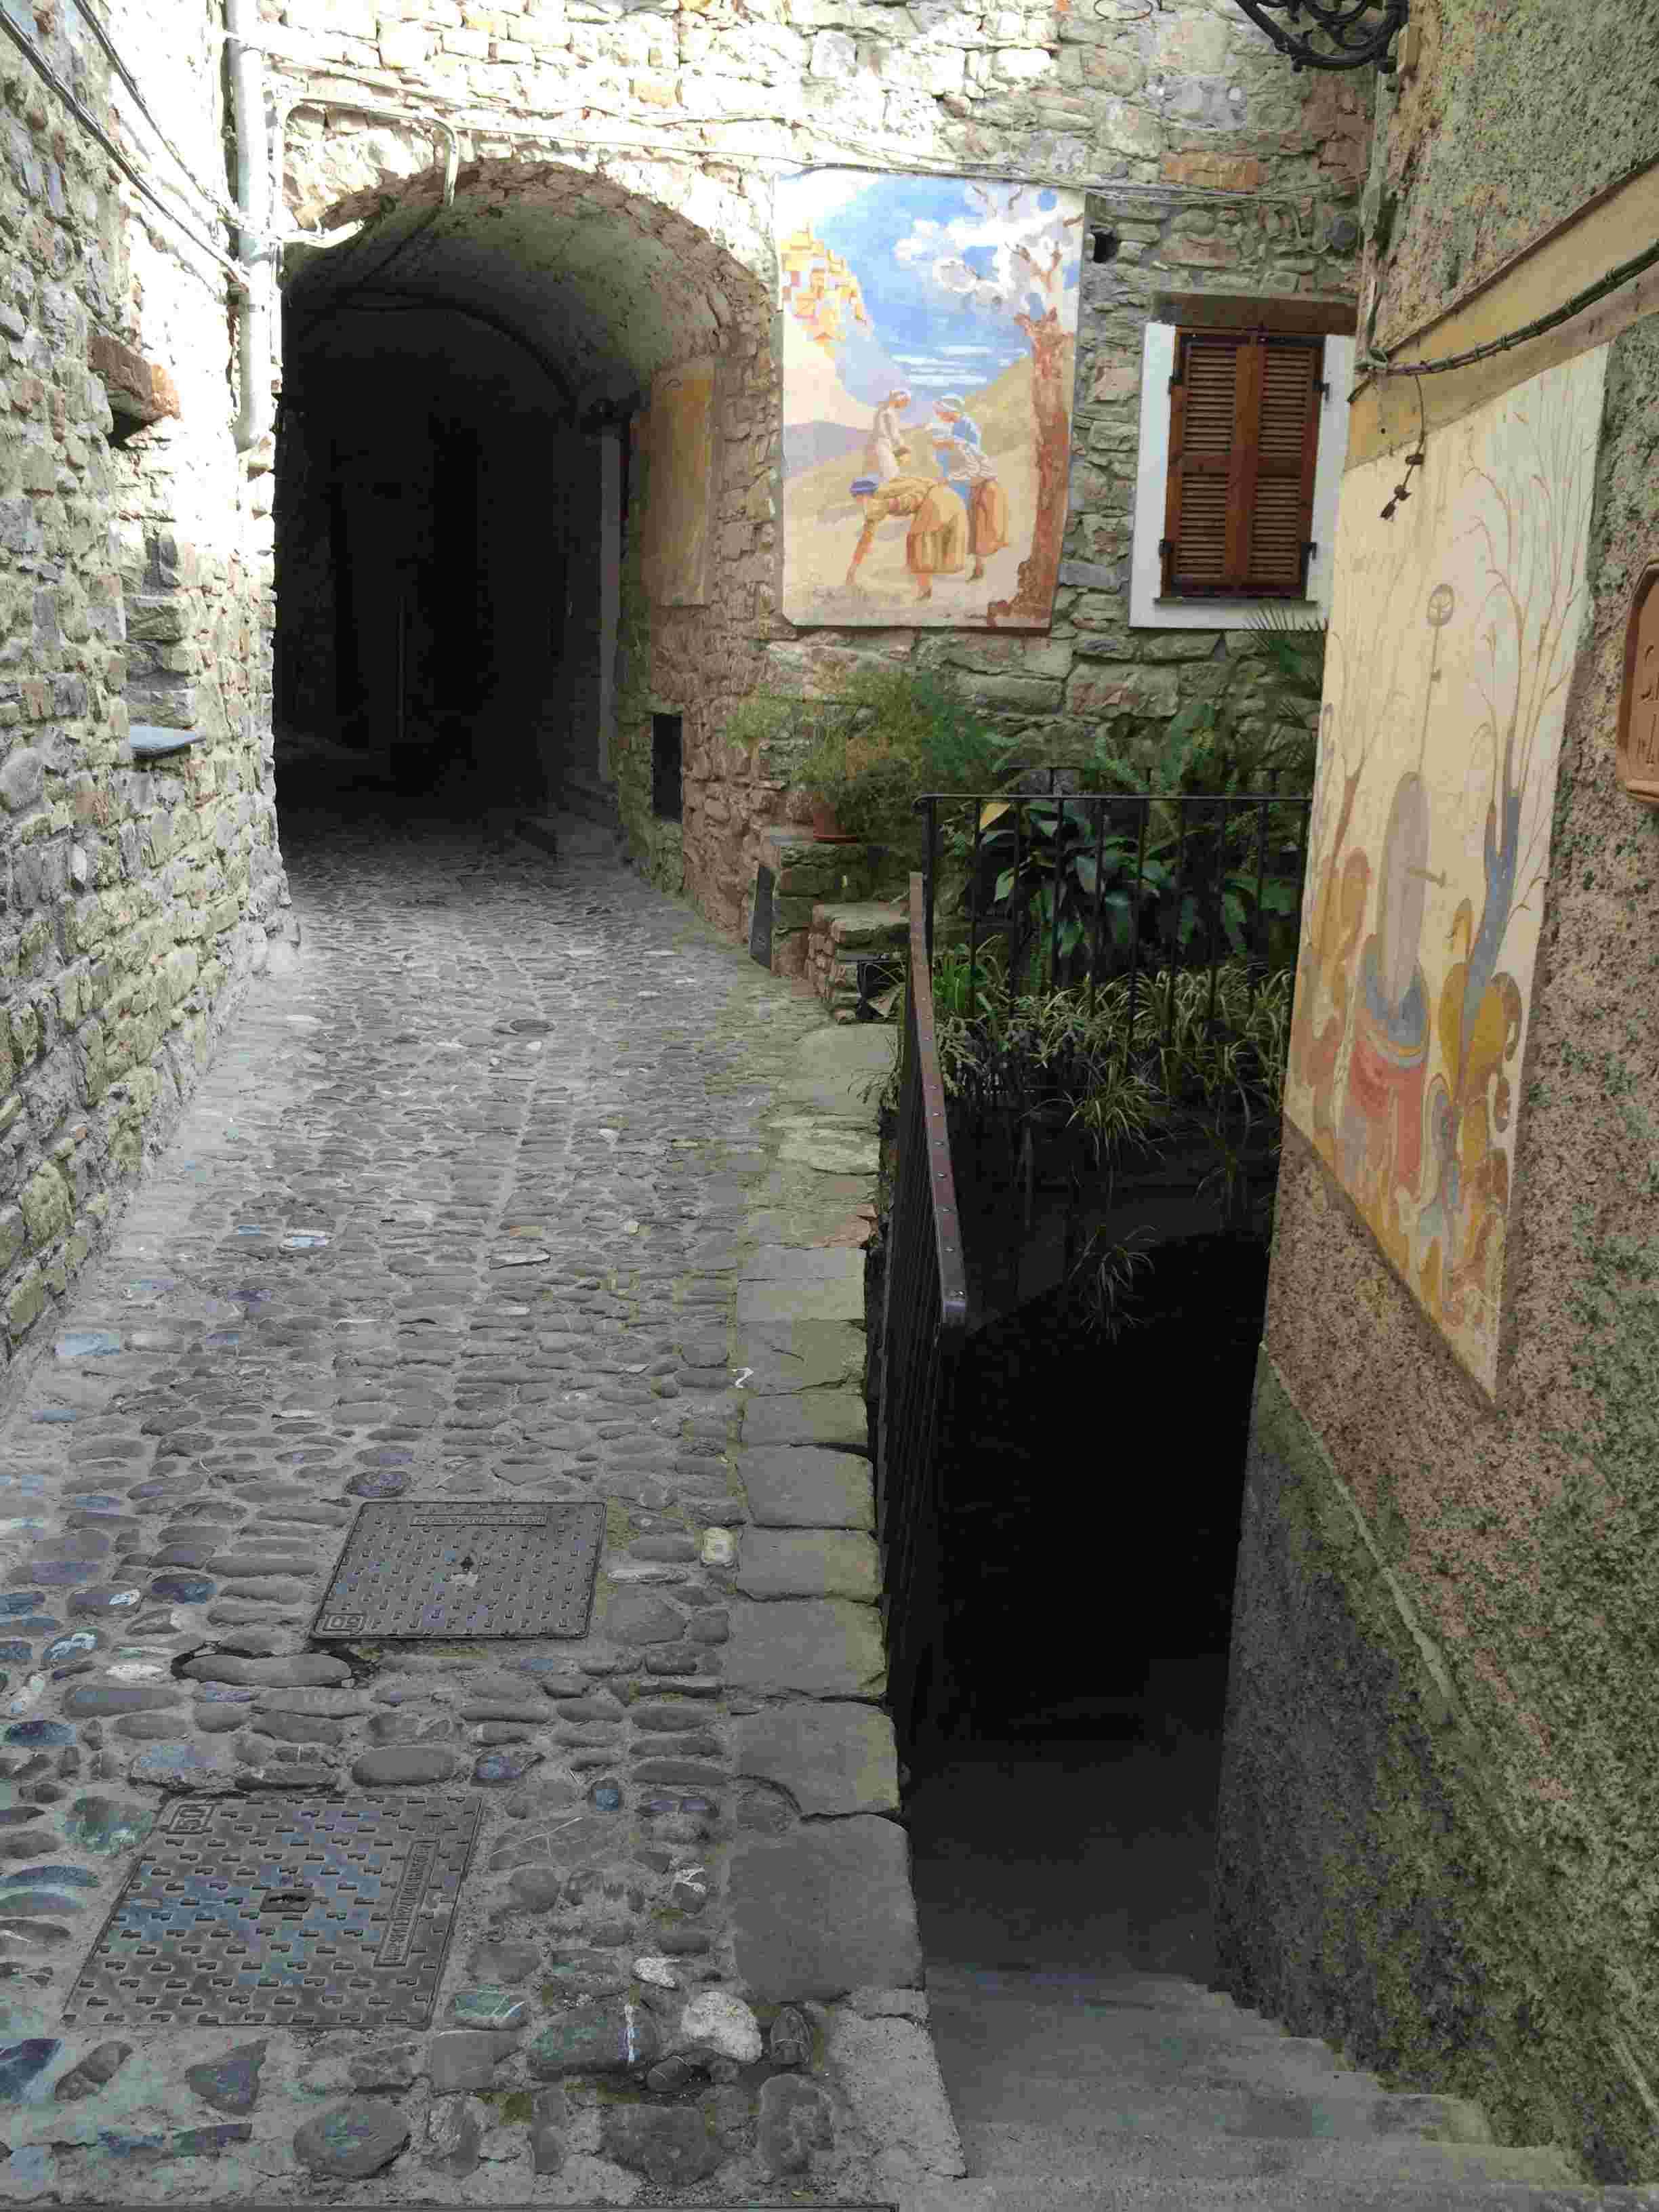 Apricale, le plus beau village d'Italie Aprica15